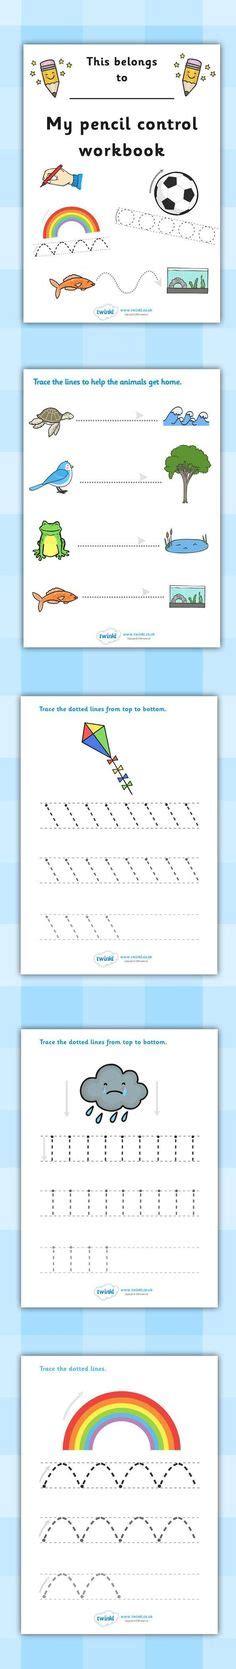 worksheets  images worksheets